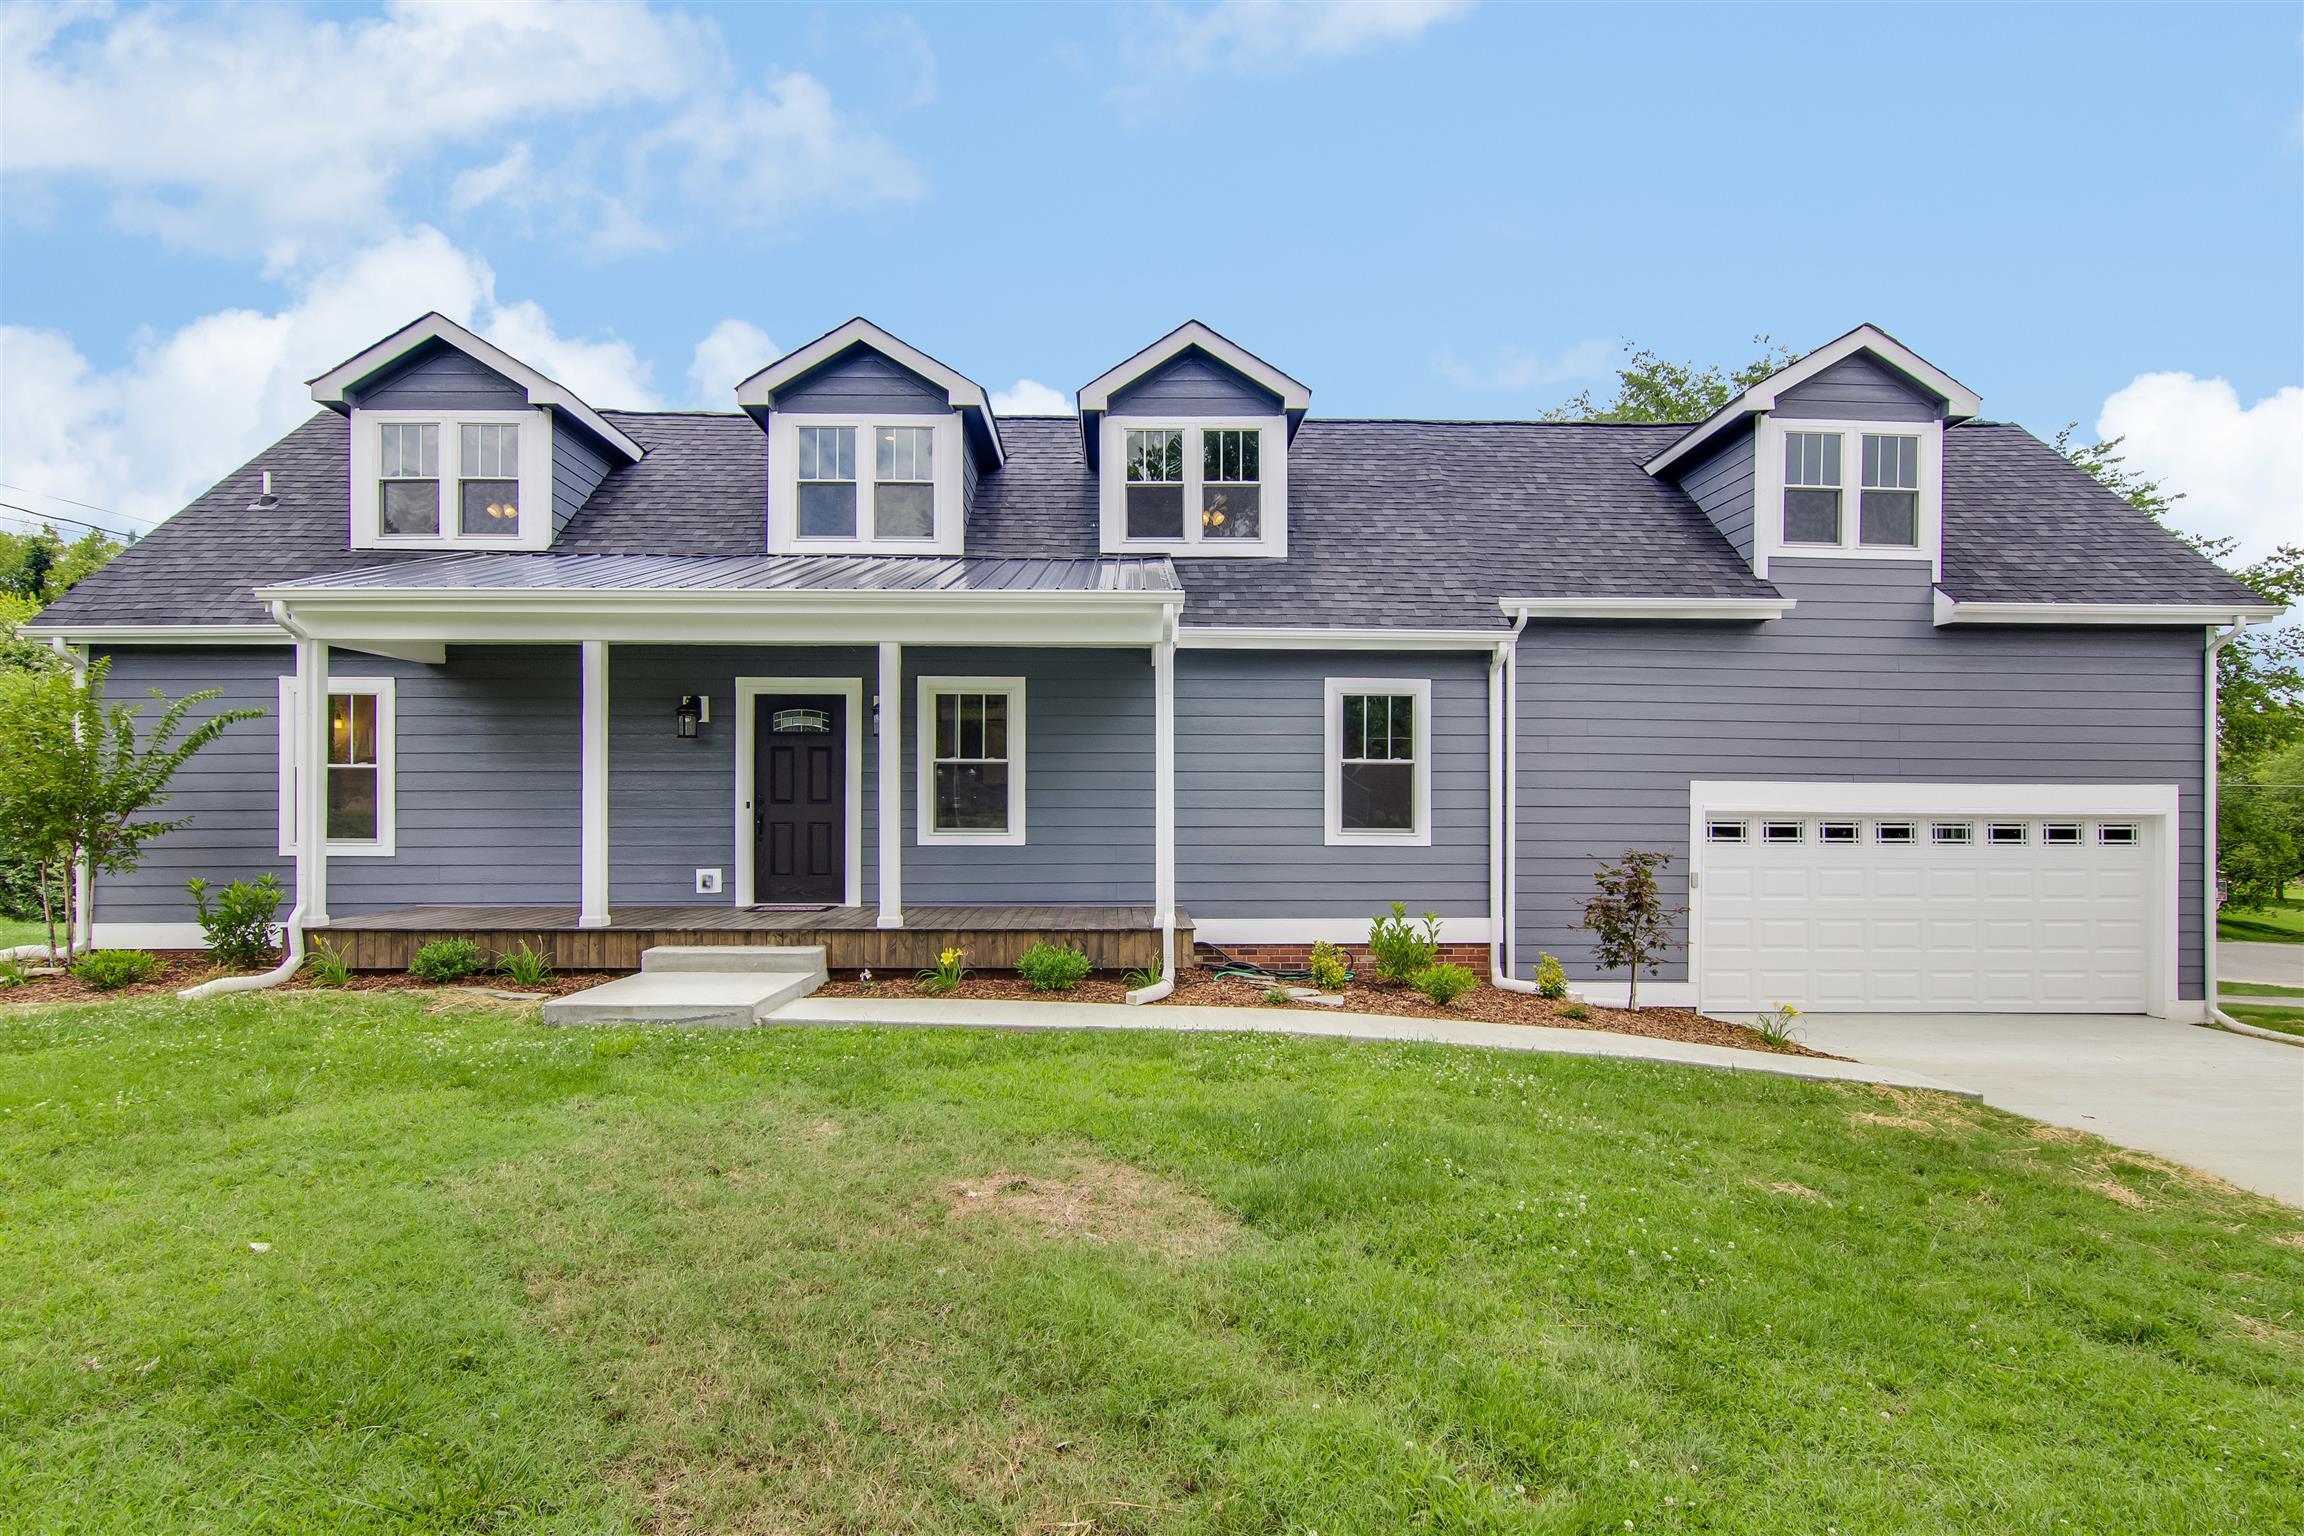 One of Nolensville 3 Bedroom Homes for Sale at 1200 Creekside Dr